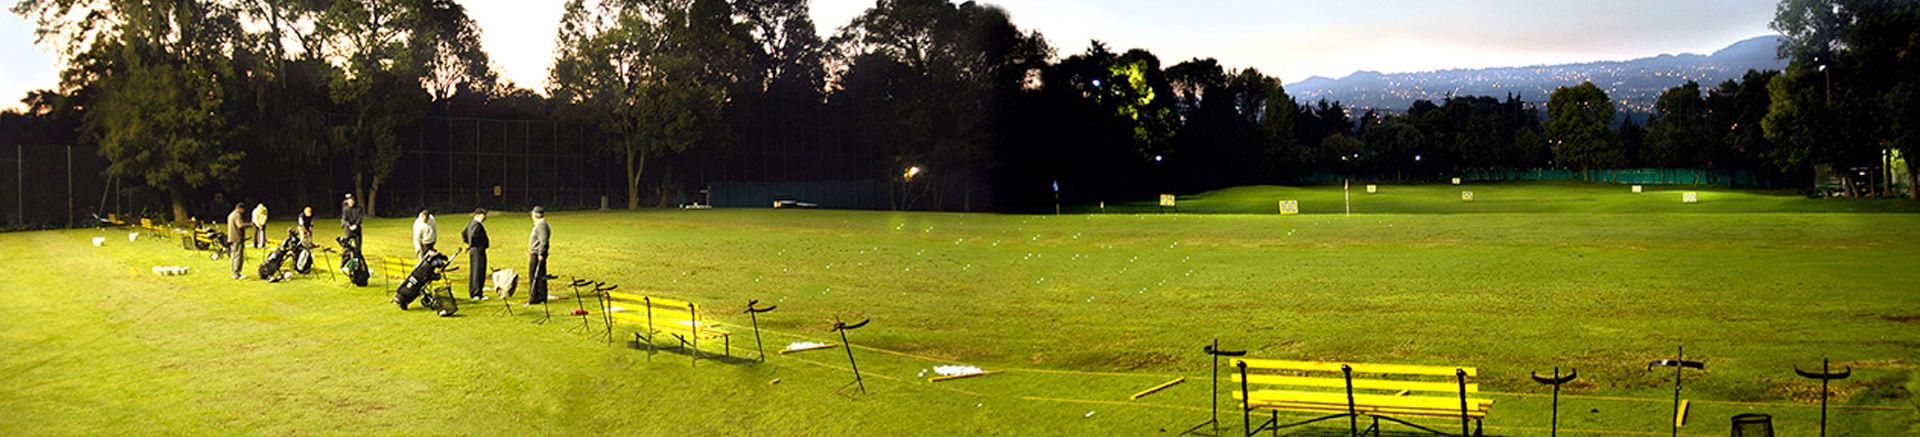 Club de golf mexico cover picture